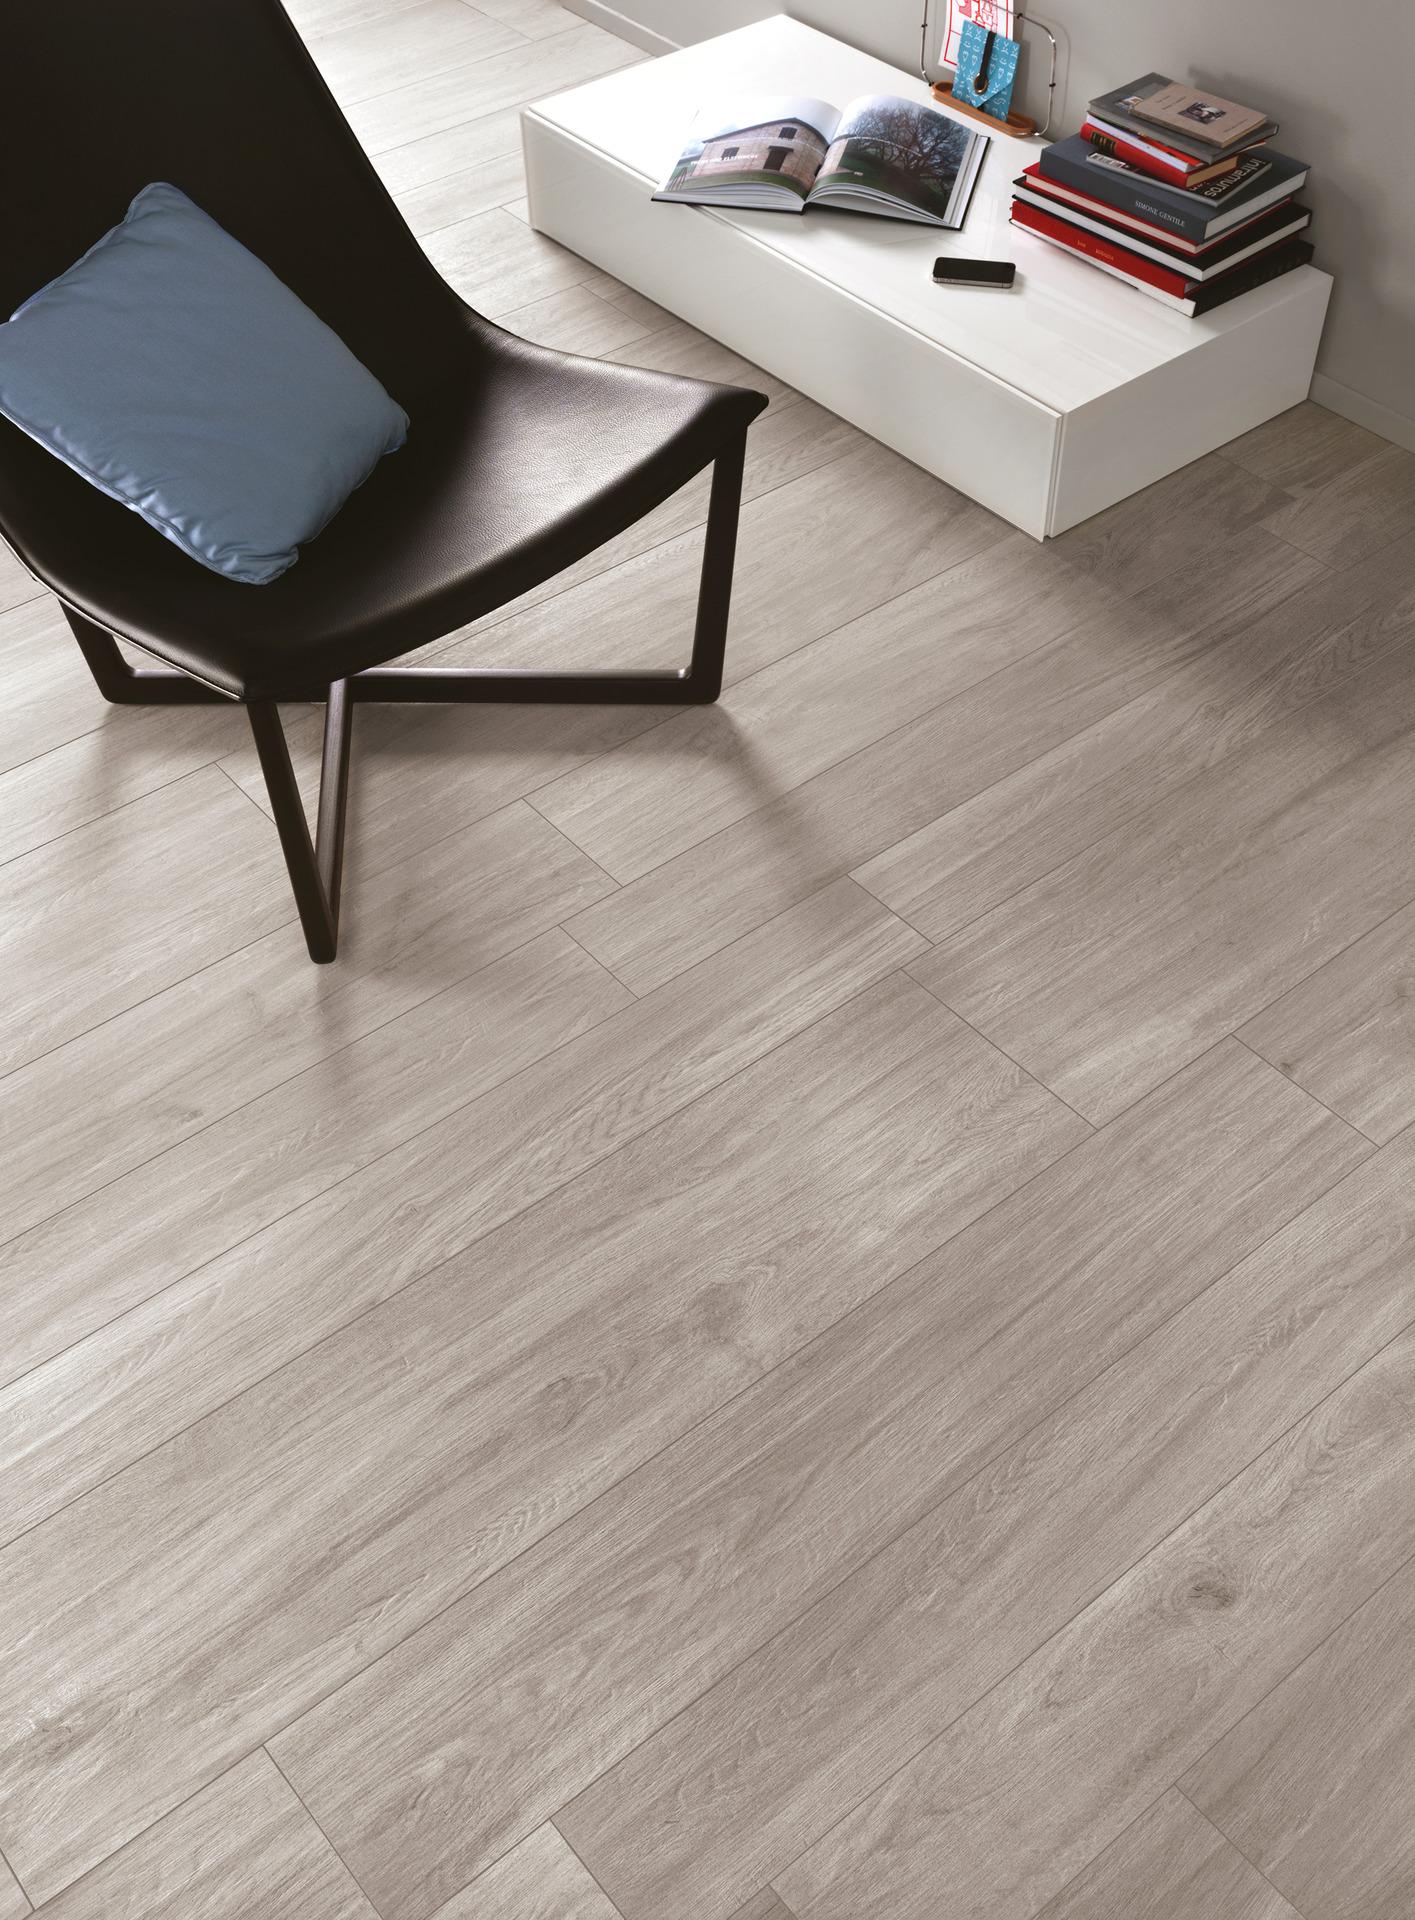 Piastrelle grigio pavimenti e rivestimenti ragno - Piastrelle finto parquet ...